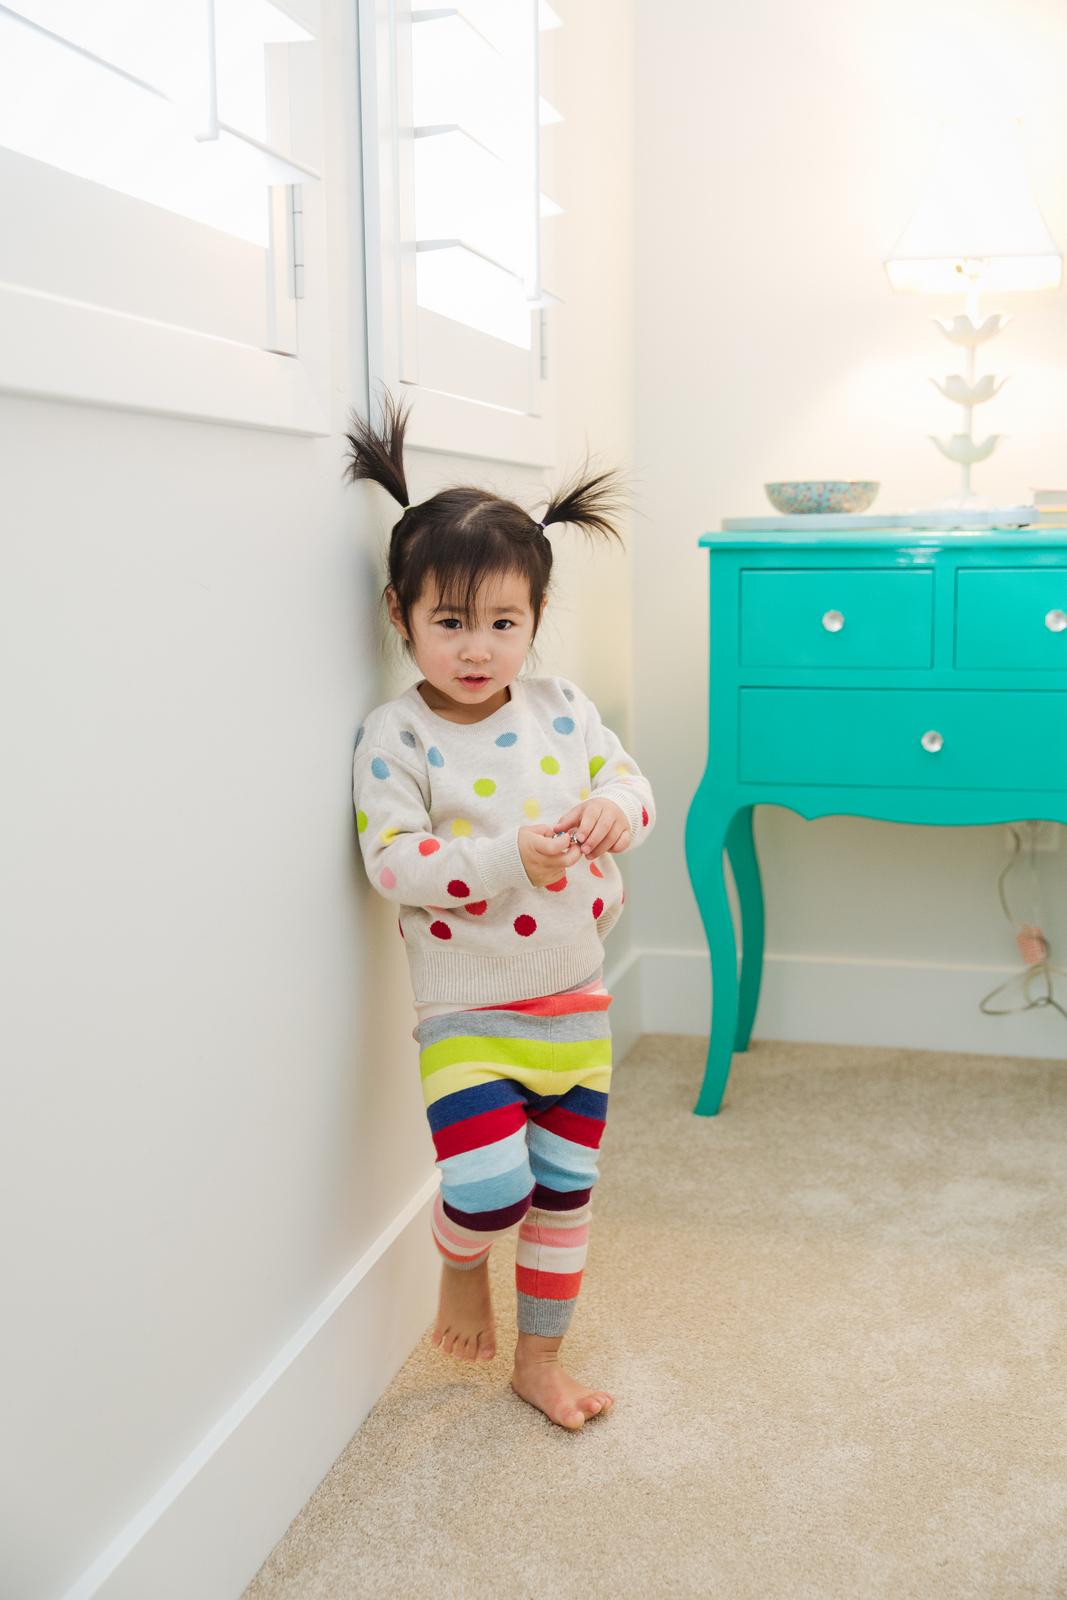 GAP Toddler sweater and sweater leggings